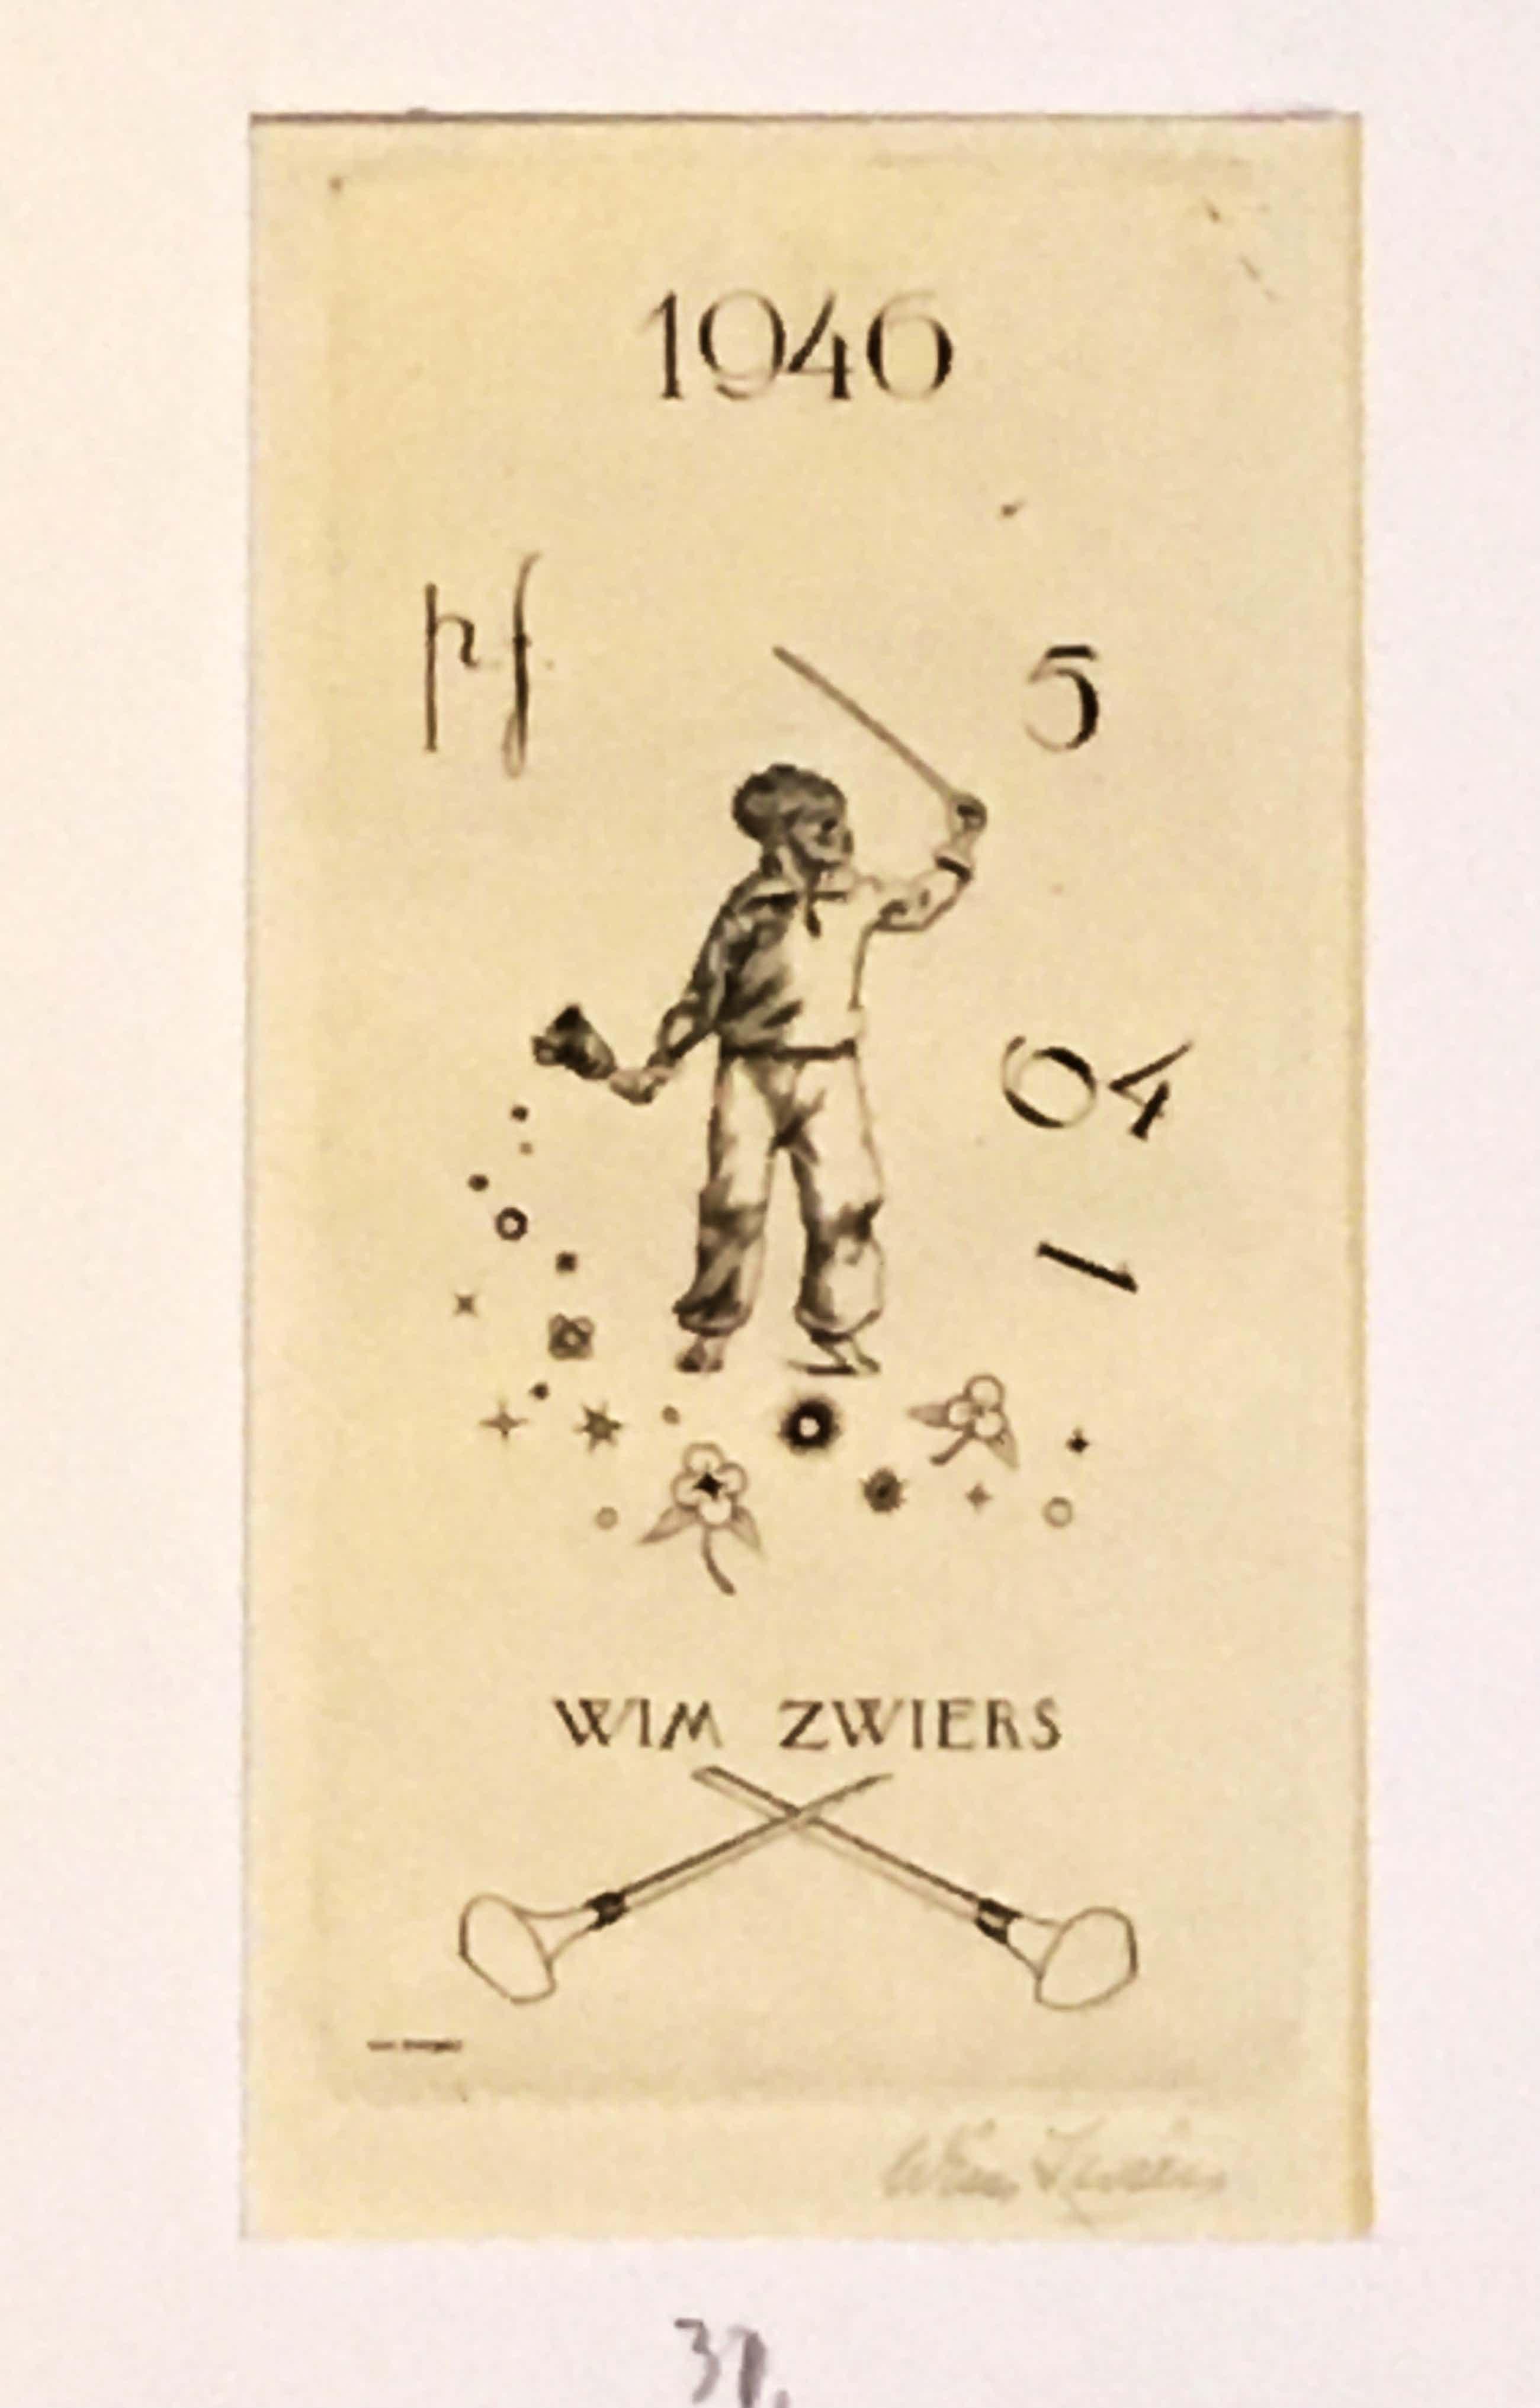 Wim Zwiers - Nieuwjaars en wenskaarten en diversen kopen? Bied vanaf 60!